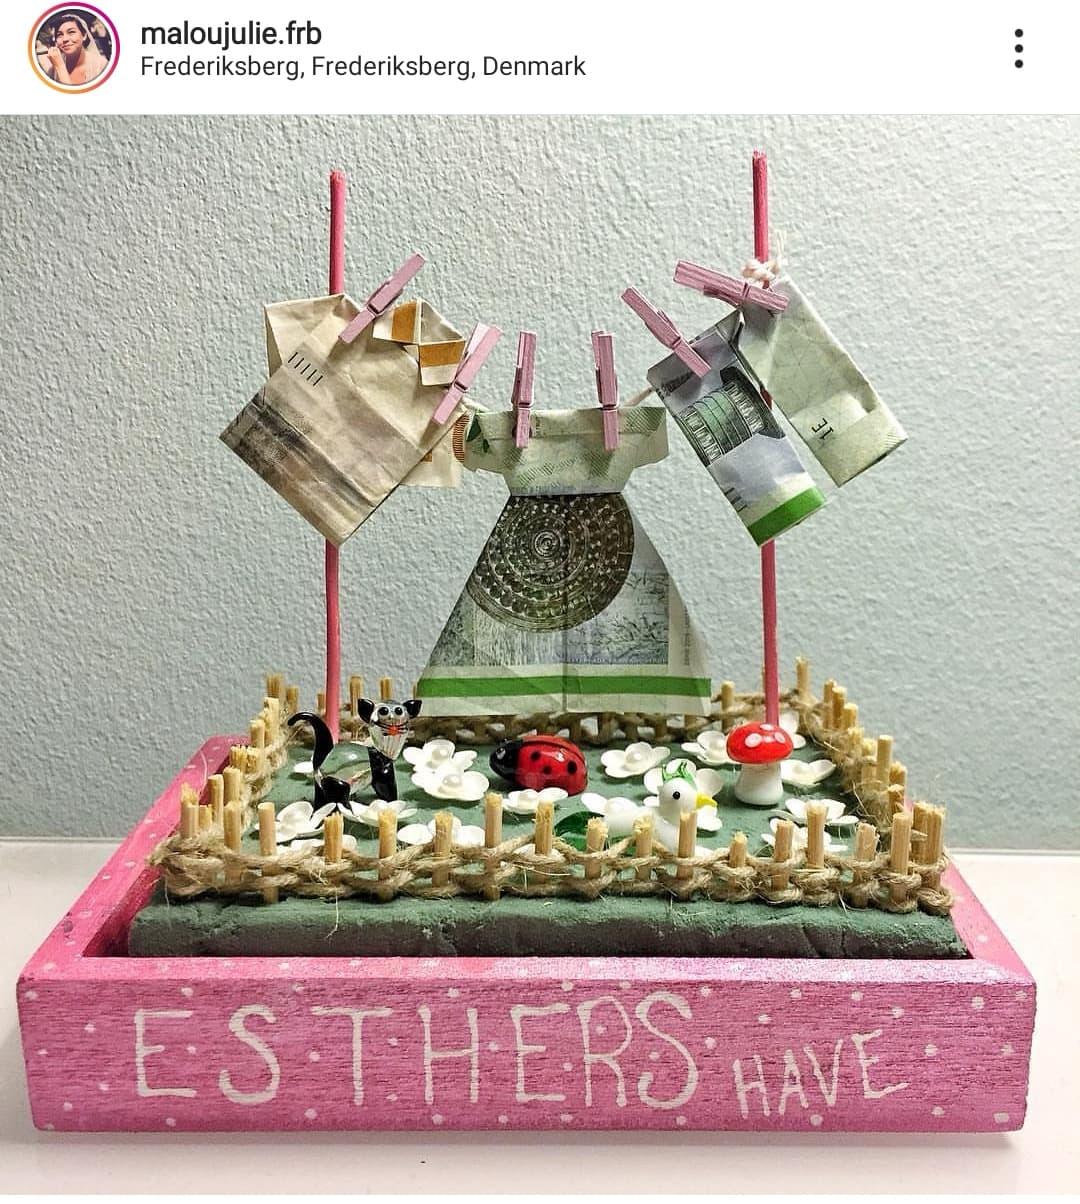 Instagram: maloujulie.frb har lavet denne fine have til Esther, med tøj på tørresnoren. Perfekt til havemennesket eller en sød konfirmand.